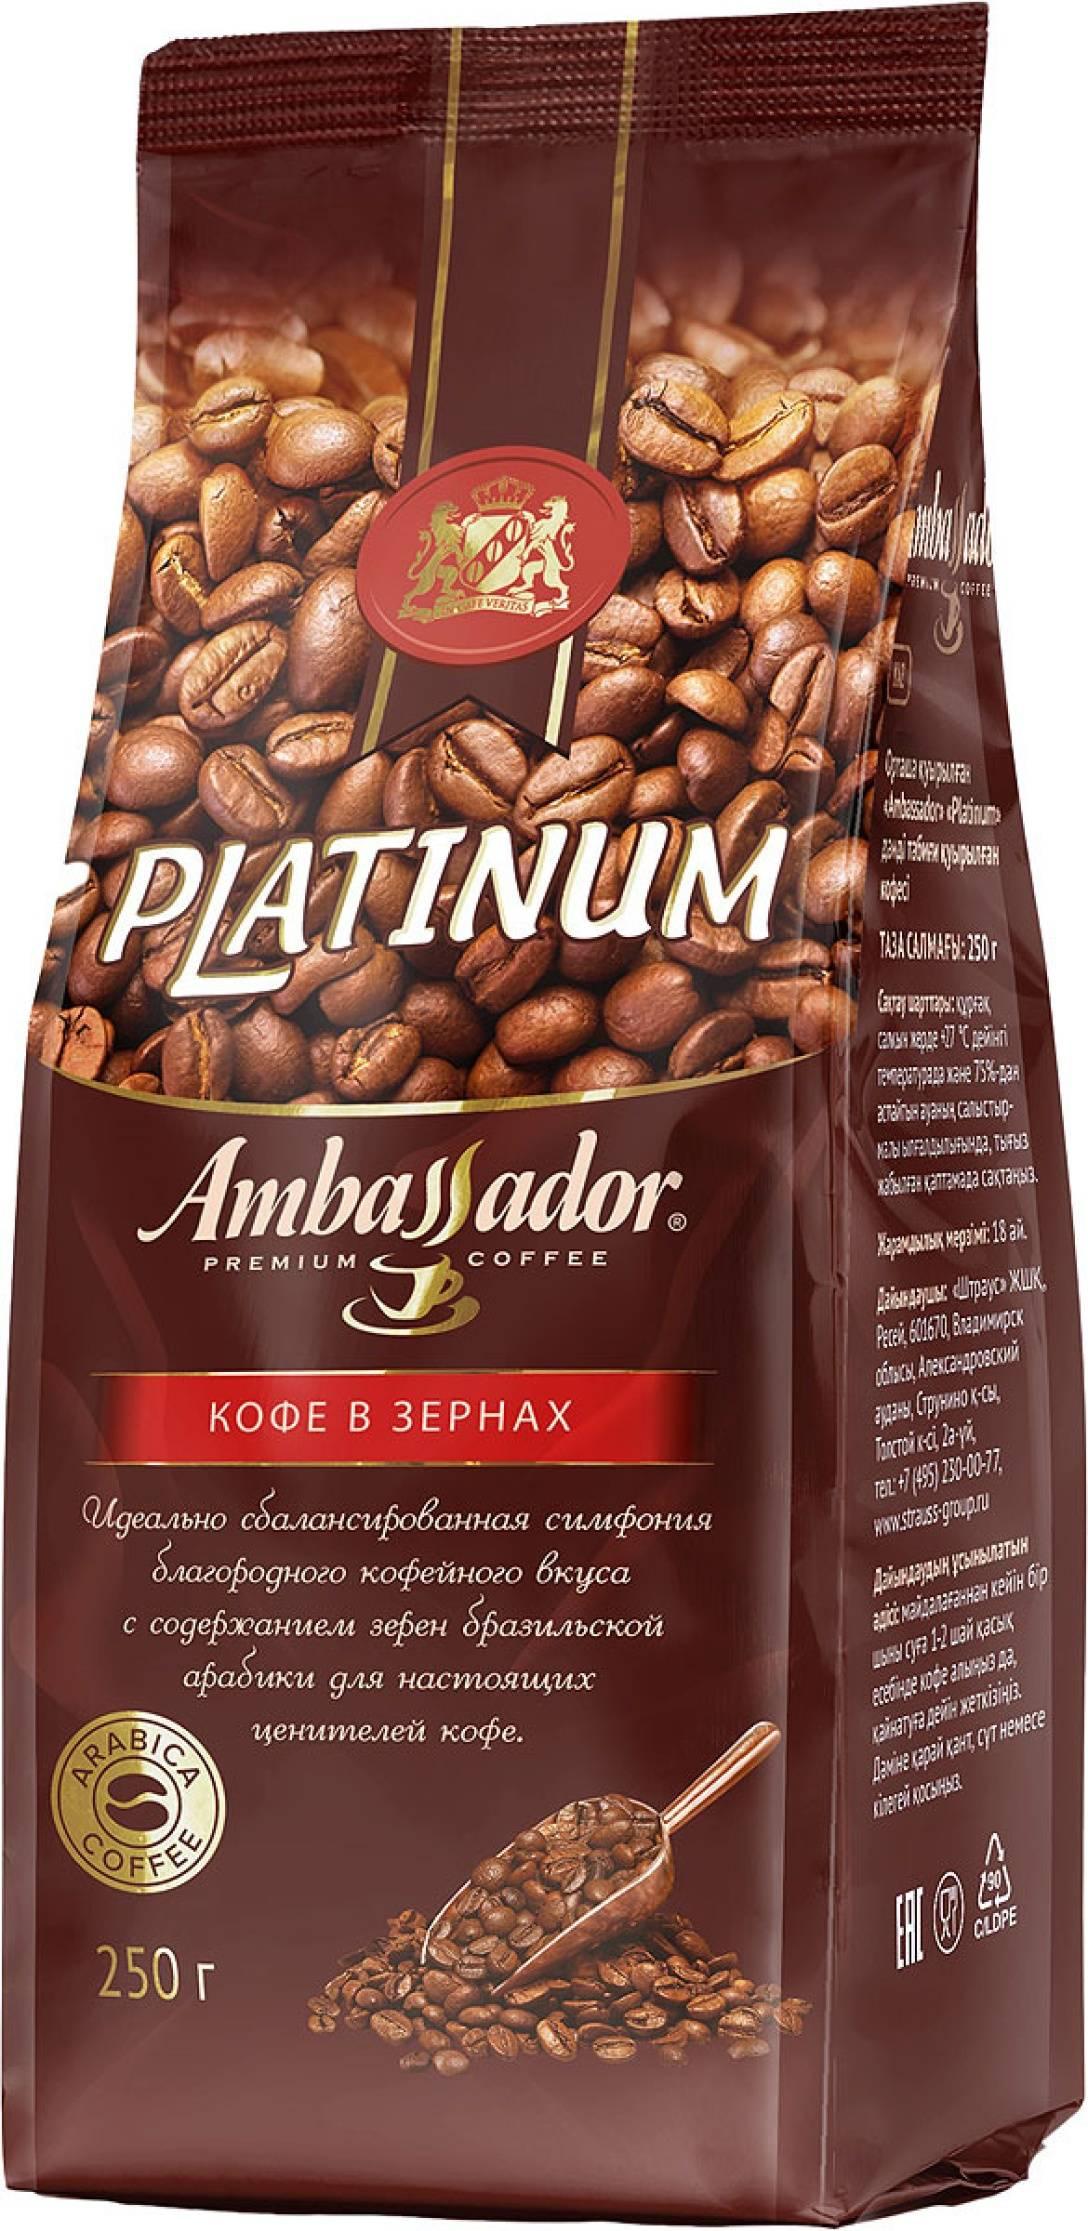 Кофе ambassador platinum— отзывы